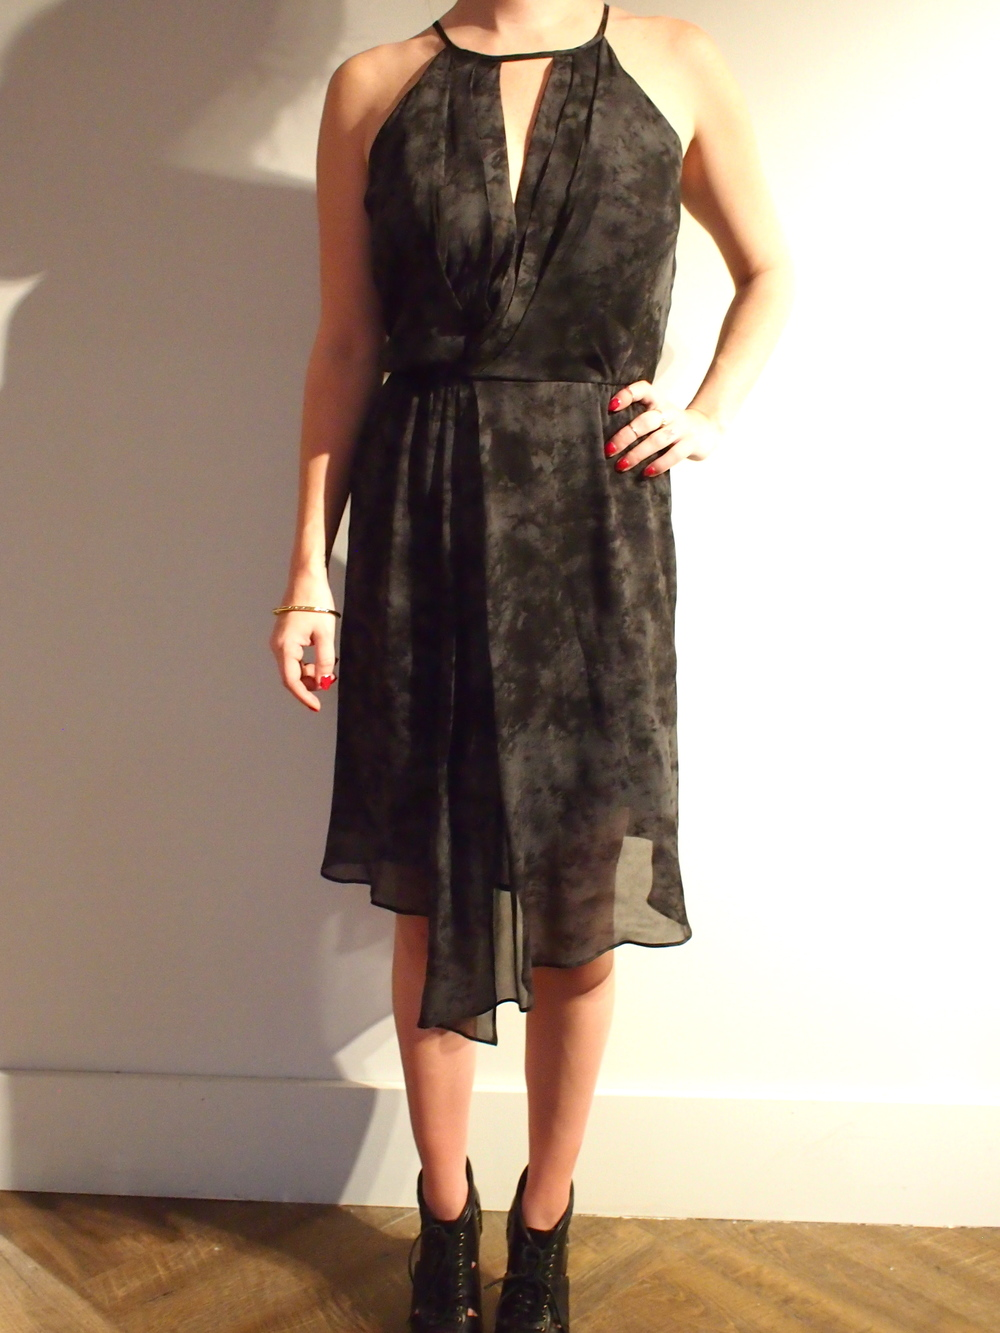 Corey Lynn - AshleyAsymmetric Dress: $278